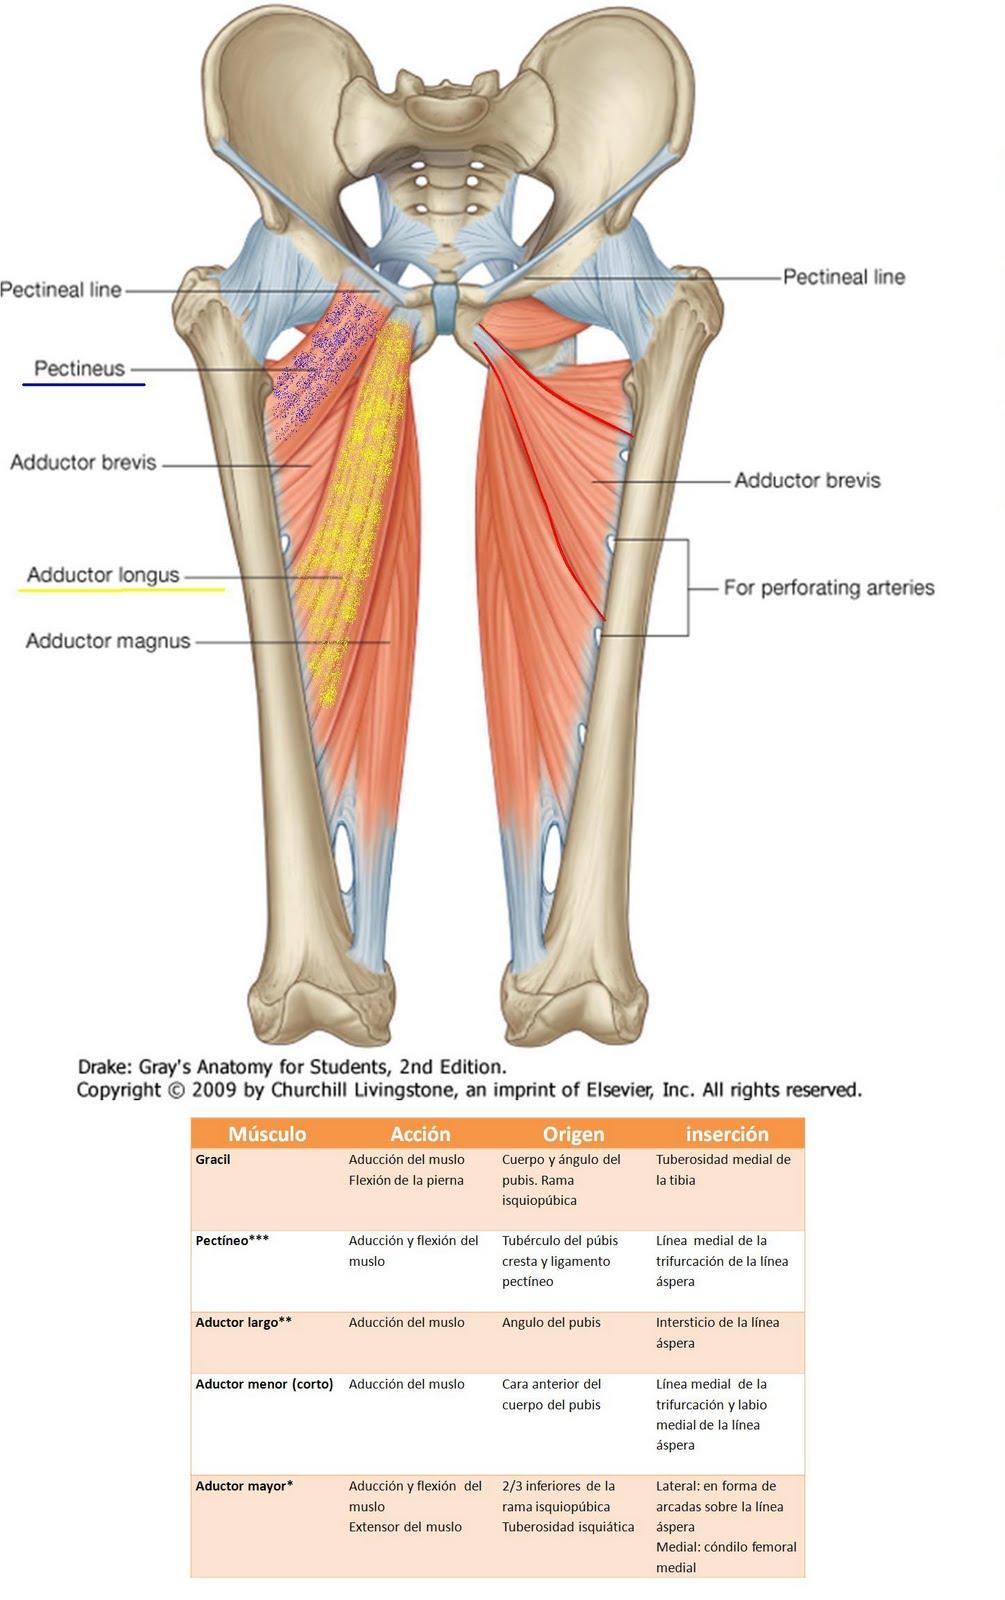 Anatomía UNAM: ADUCTORES